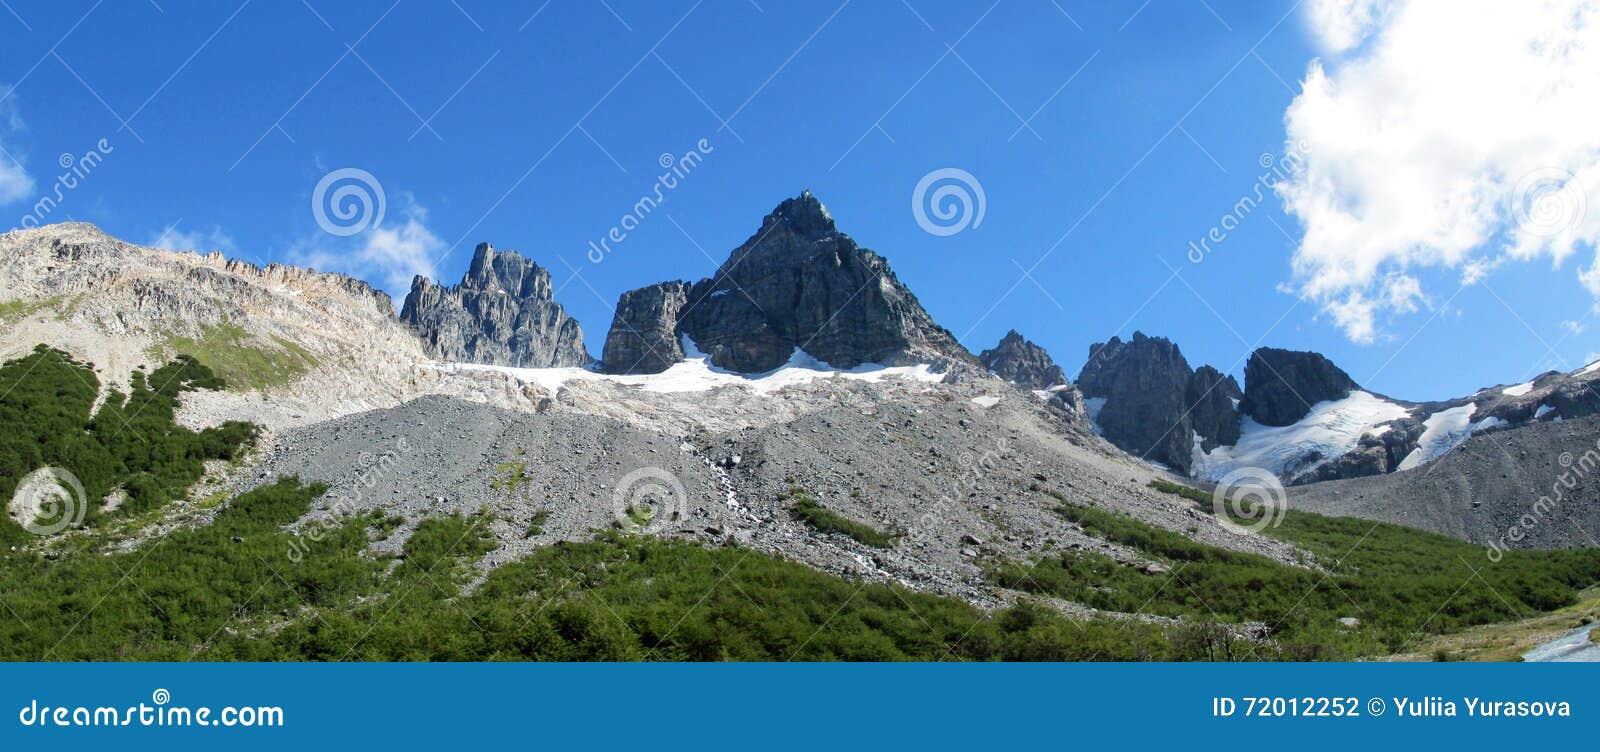 Montagna rocciosa nella Patagonia del Cile lungo Carretera australe